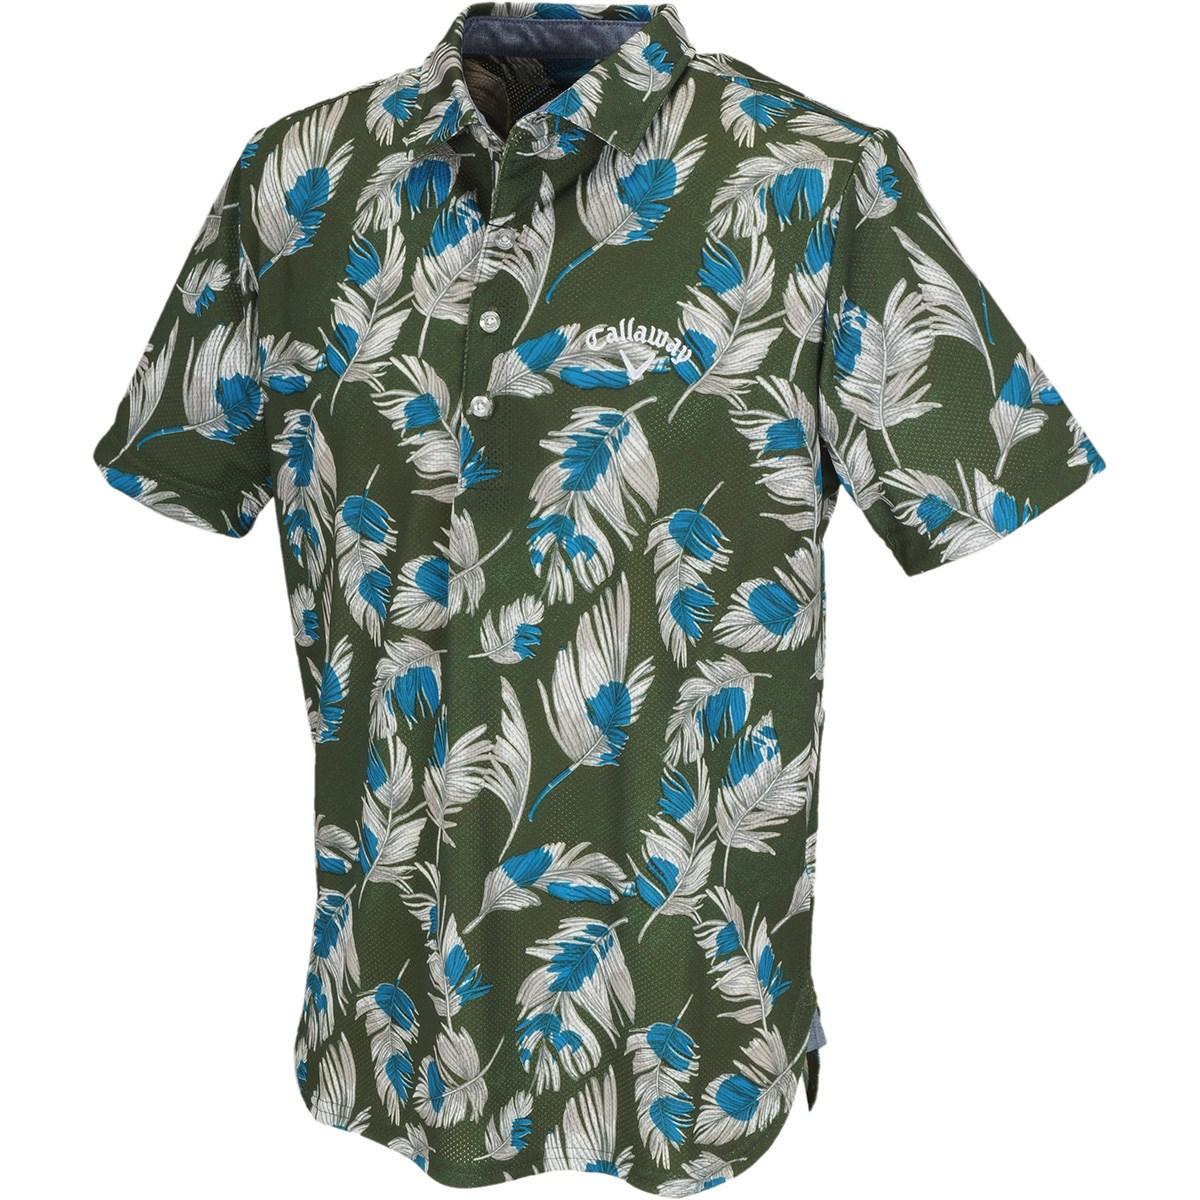 キャロウェイゴルフ(Callaway Golf) ボタニカル +200ccWIND カラー半袖ポロシャツ